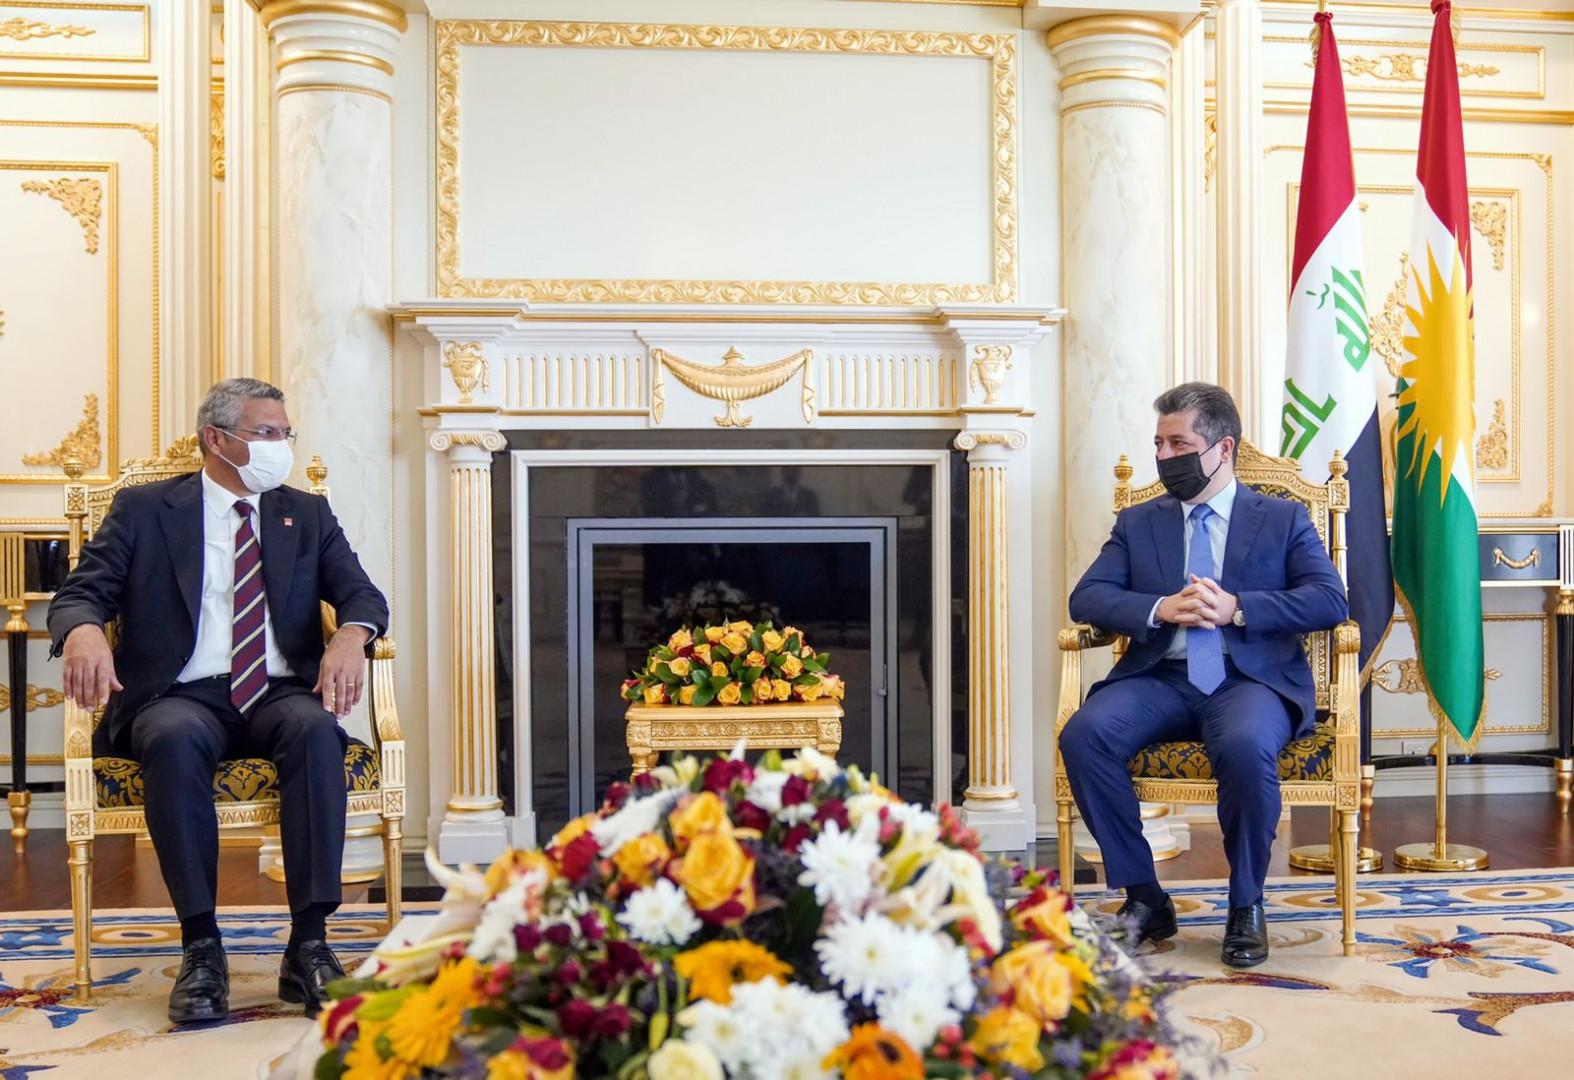 مسرور بارزاني يستقبل وفدا من حزب الشعب الجمهوري التركي يزور كوردستان لأول مرة